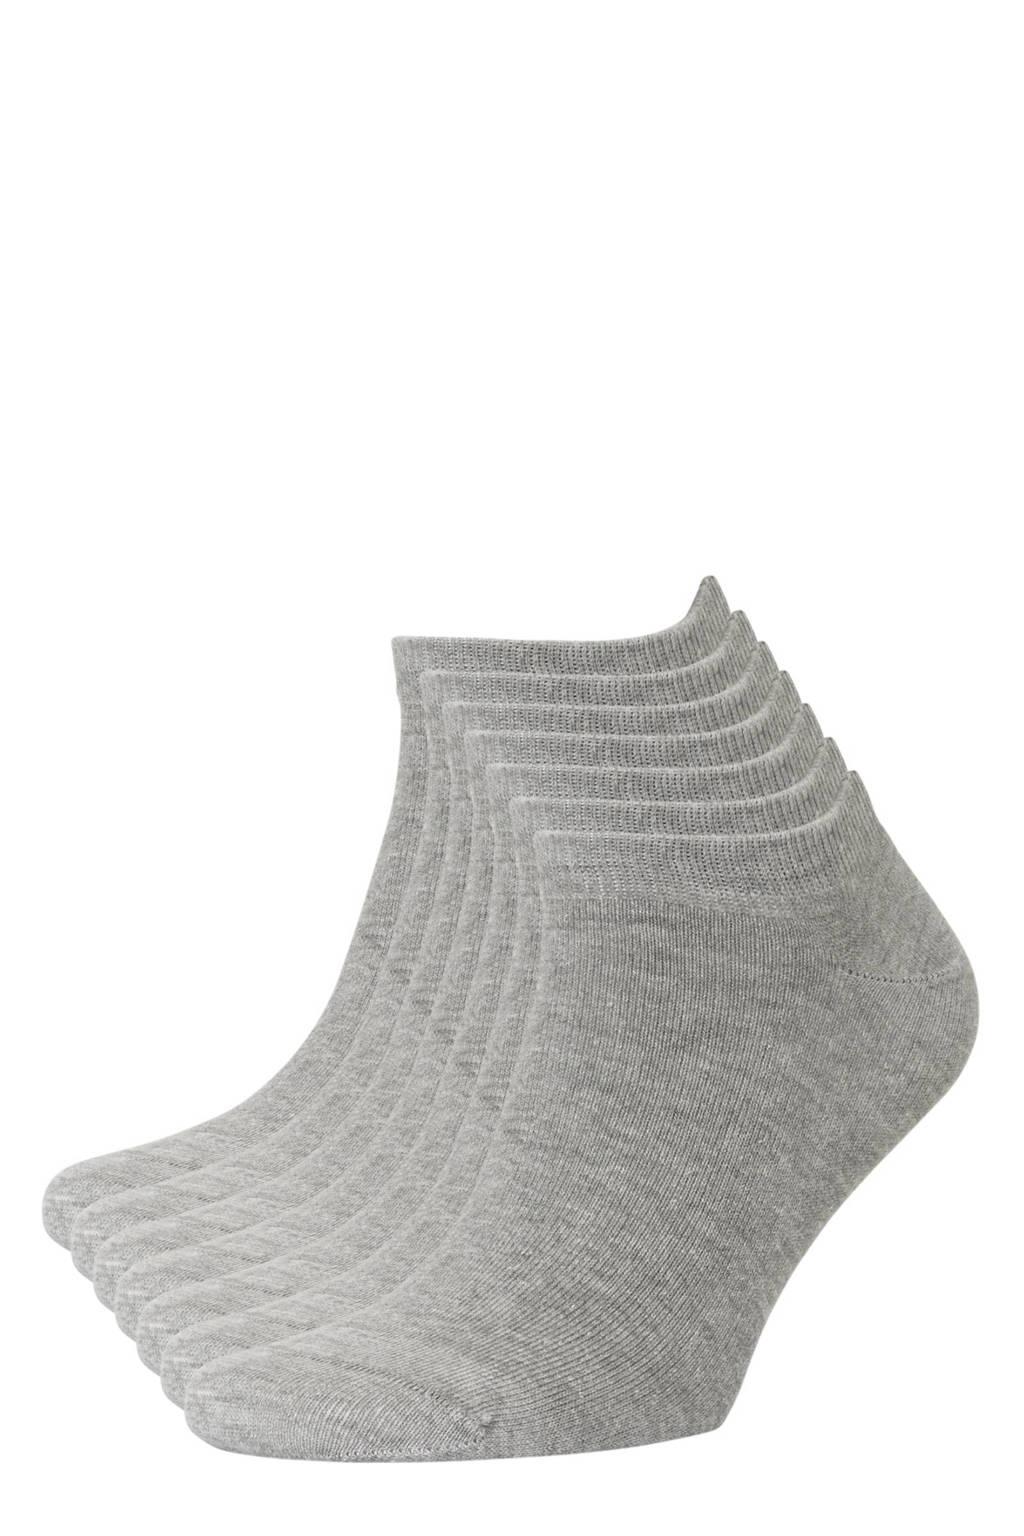 whkmp's own sneakersokken - set van 7 grijs, Grijs melange